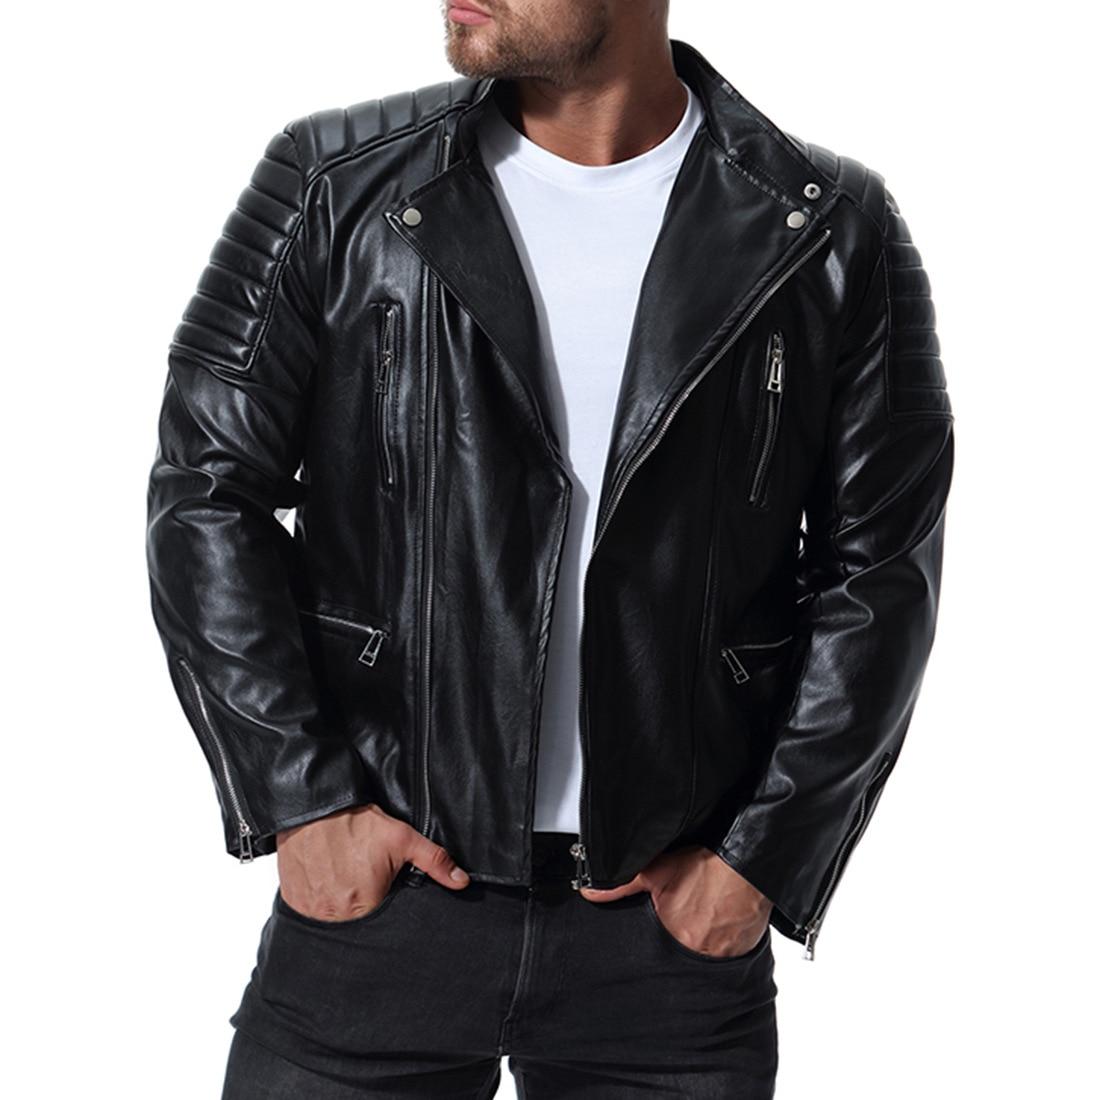 Новая мужская Высококачественная Кожаная Мотоциклетная велосипедные куртки приталенная куртка дропшиппинг Повседневная Верхняя одежда н...